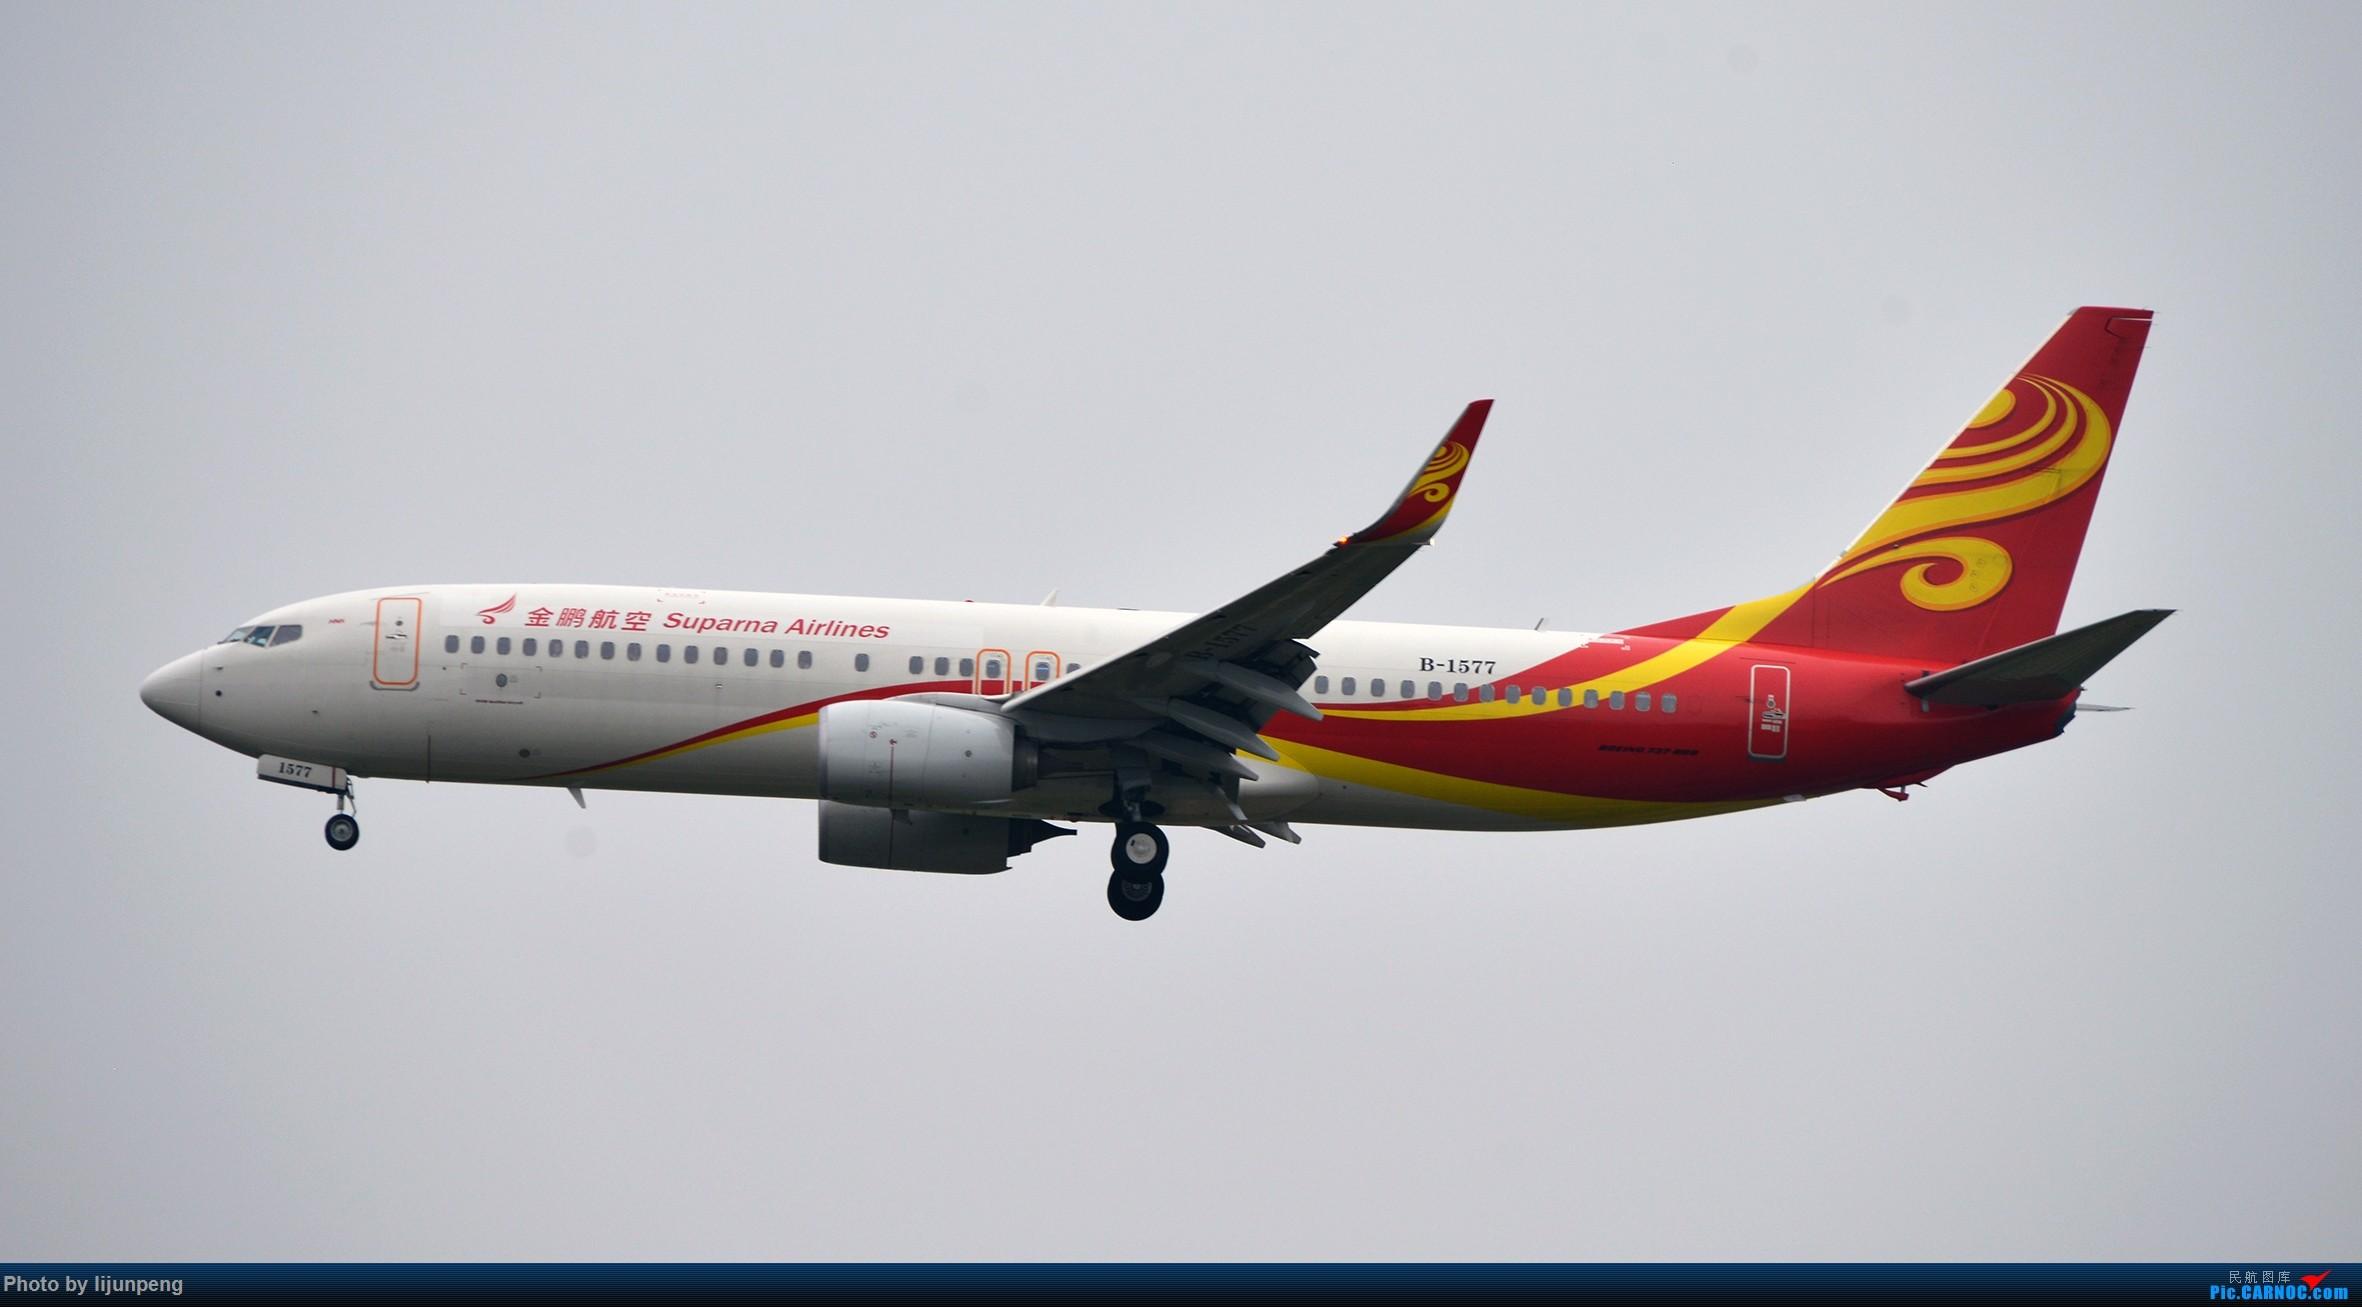 [原创]新老金扬 BOEING 737-800 B-1577 中国襄阳刘集机场